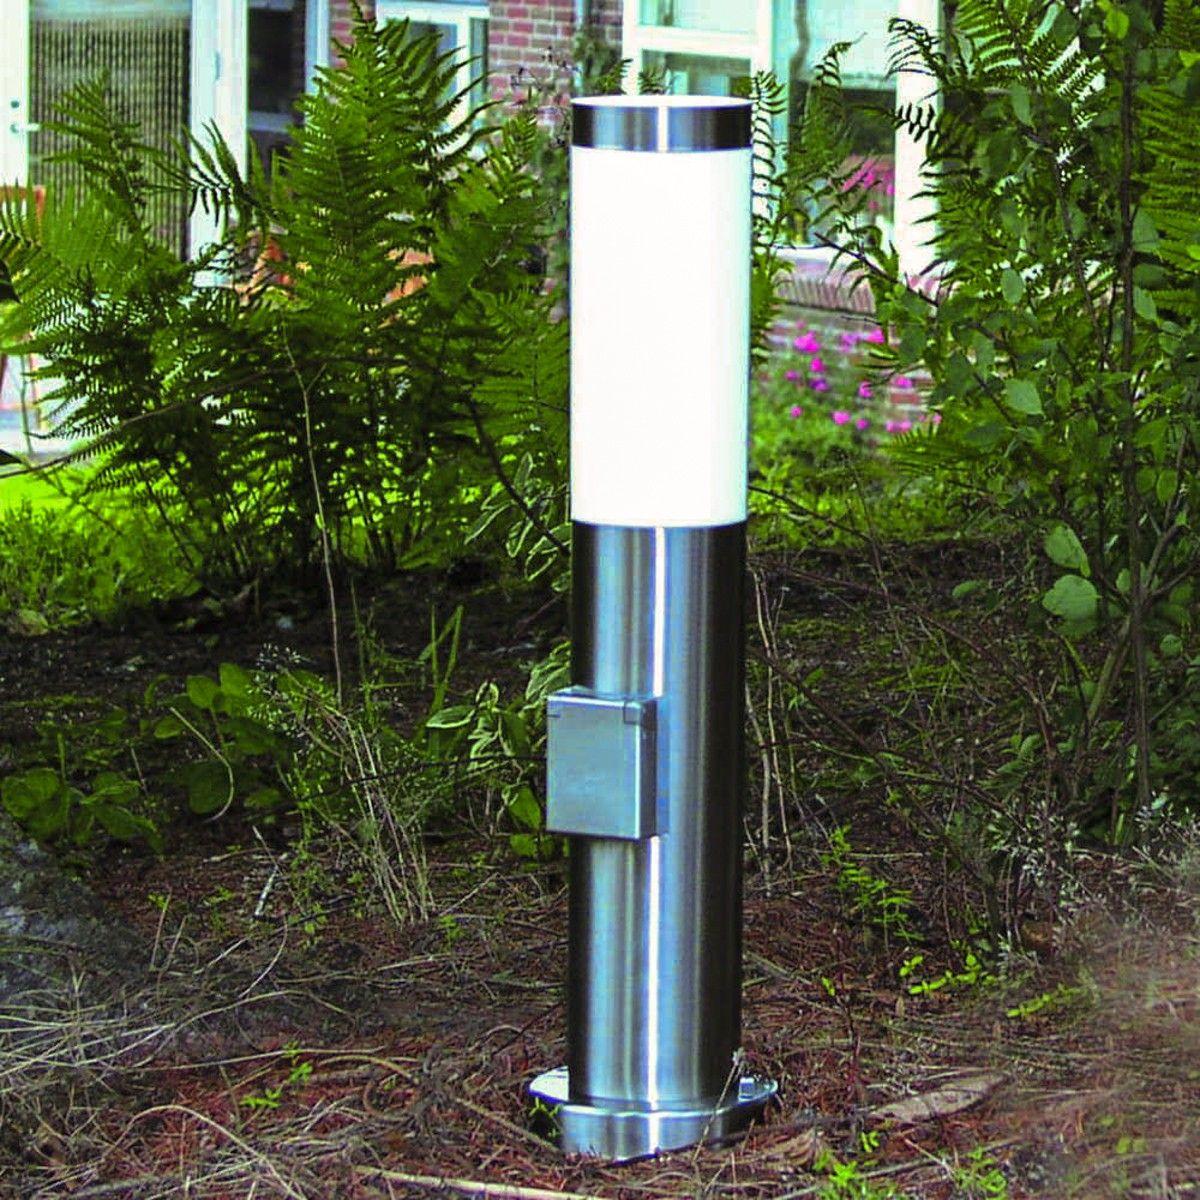 4 Wegeleuchte Steckdose LED Edelstahl Lampe Außen Garten Hof Standleuchte 45cm